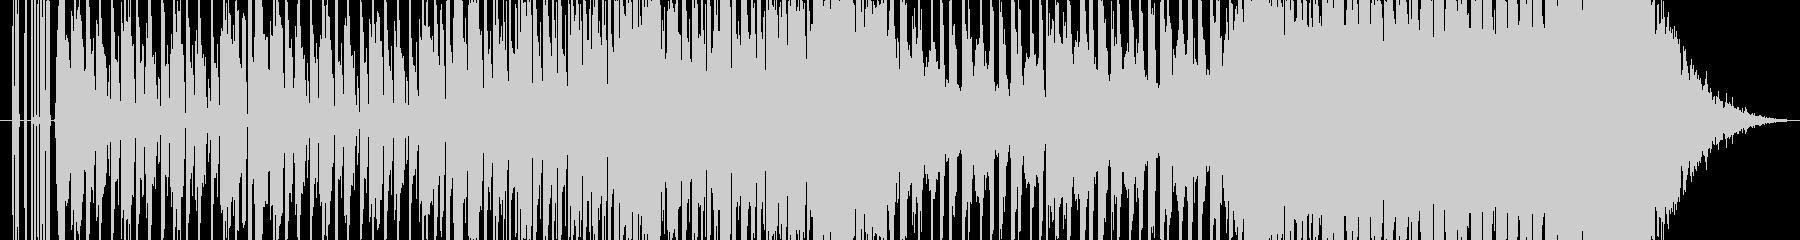 【EDM】未来的クールなEDMの未再生の波形